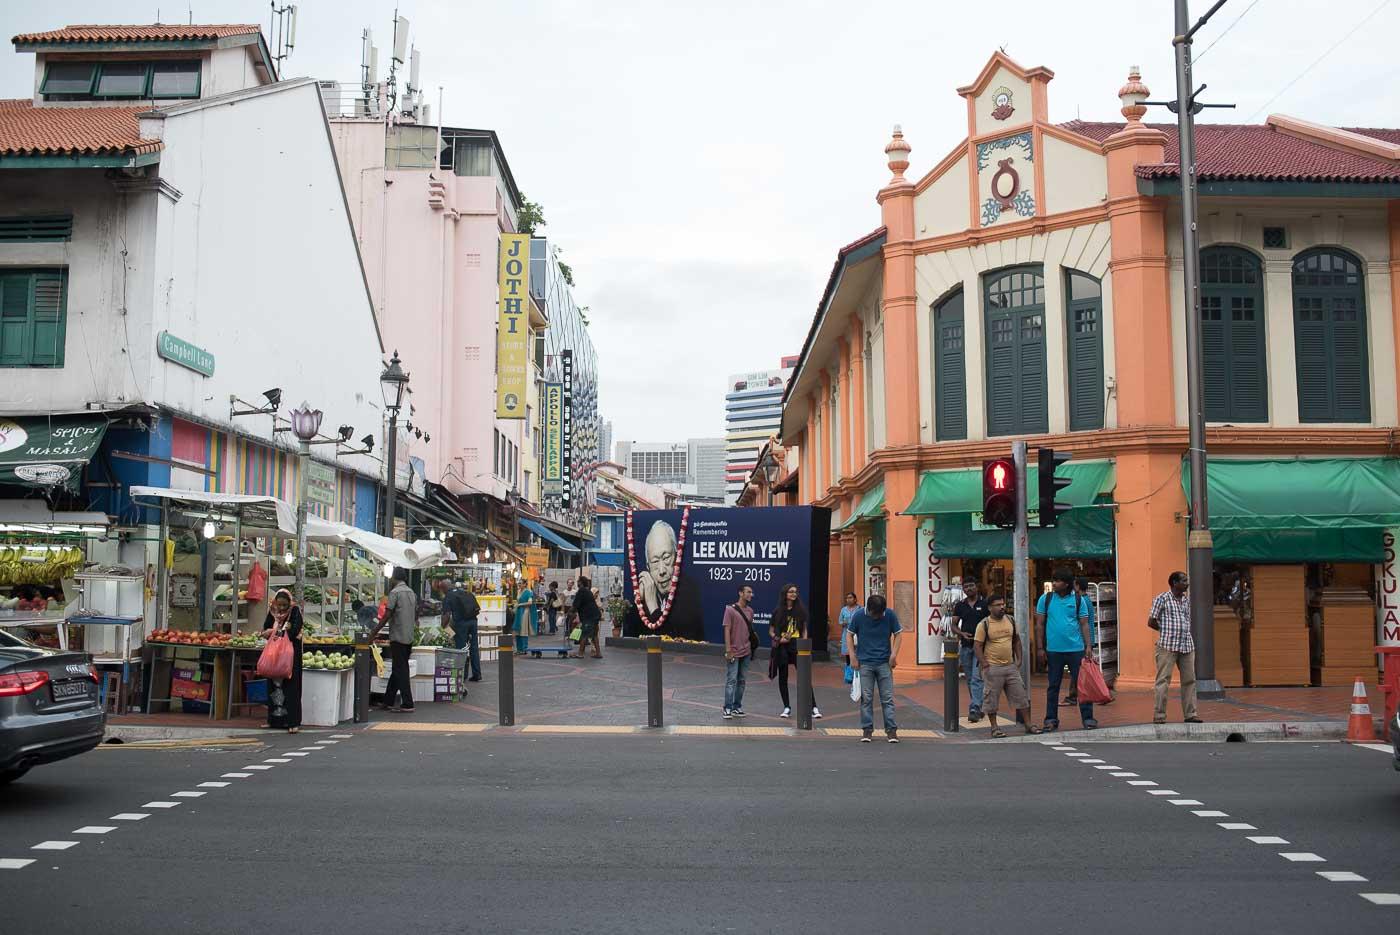 Singapur Sehenswürdigkeiten Little India